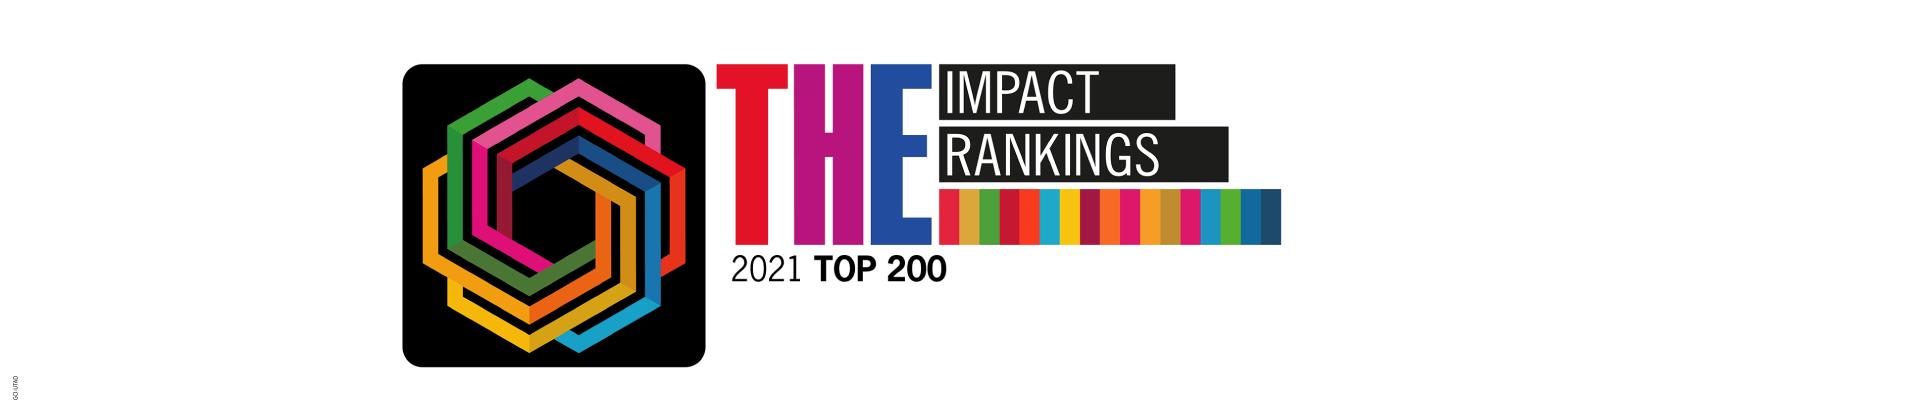 slider impact ranking ods 2021